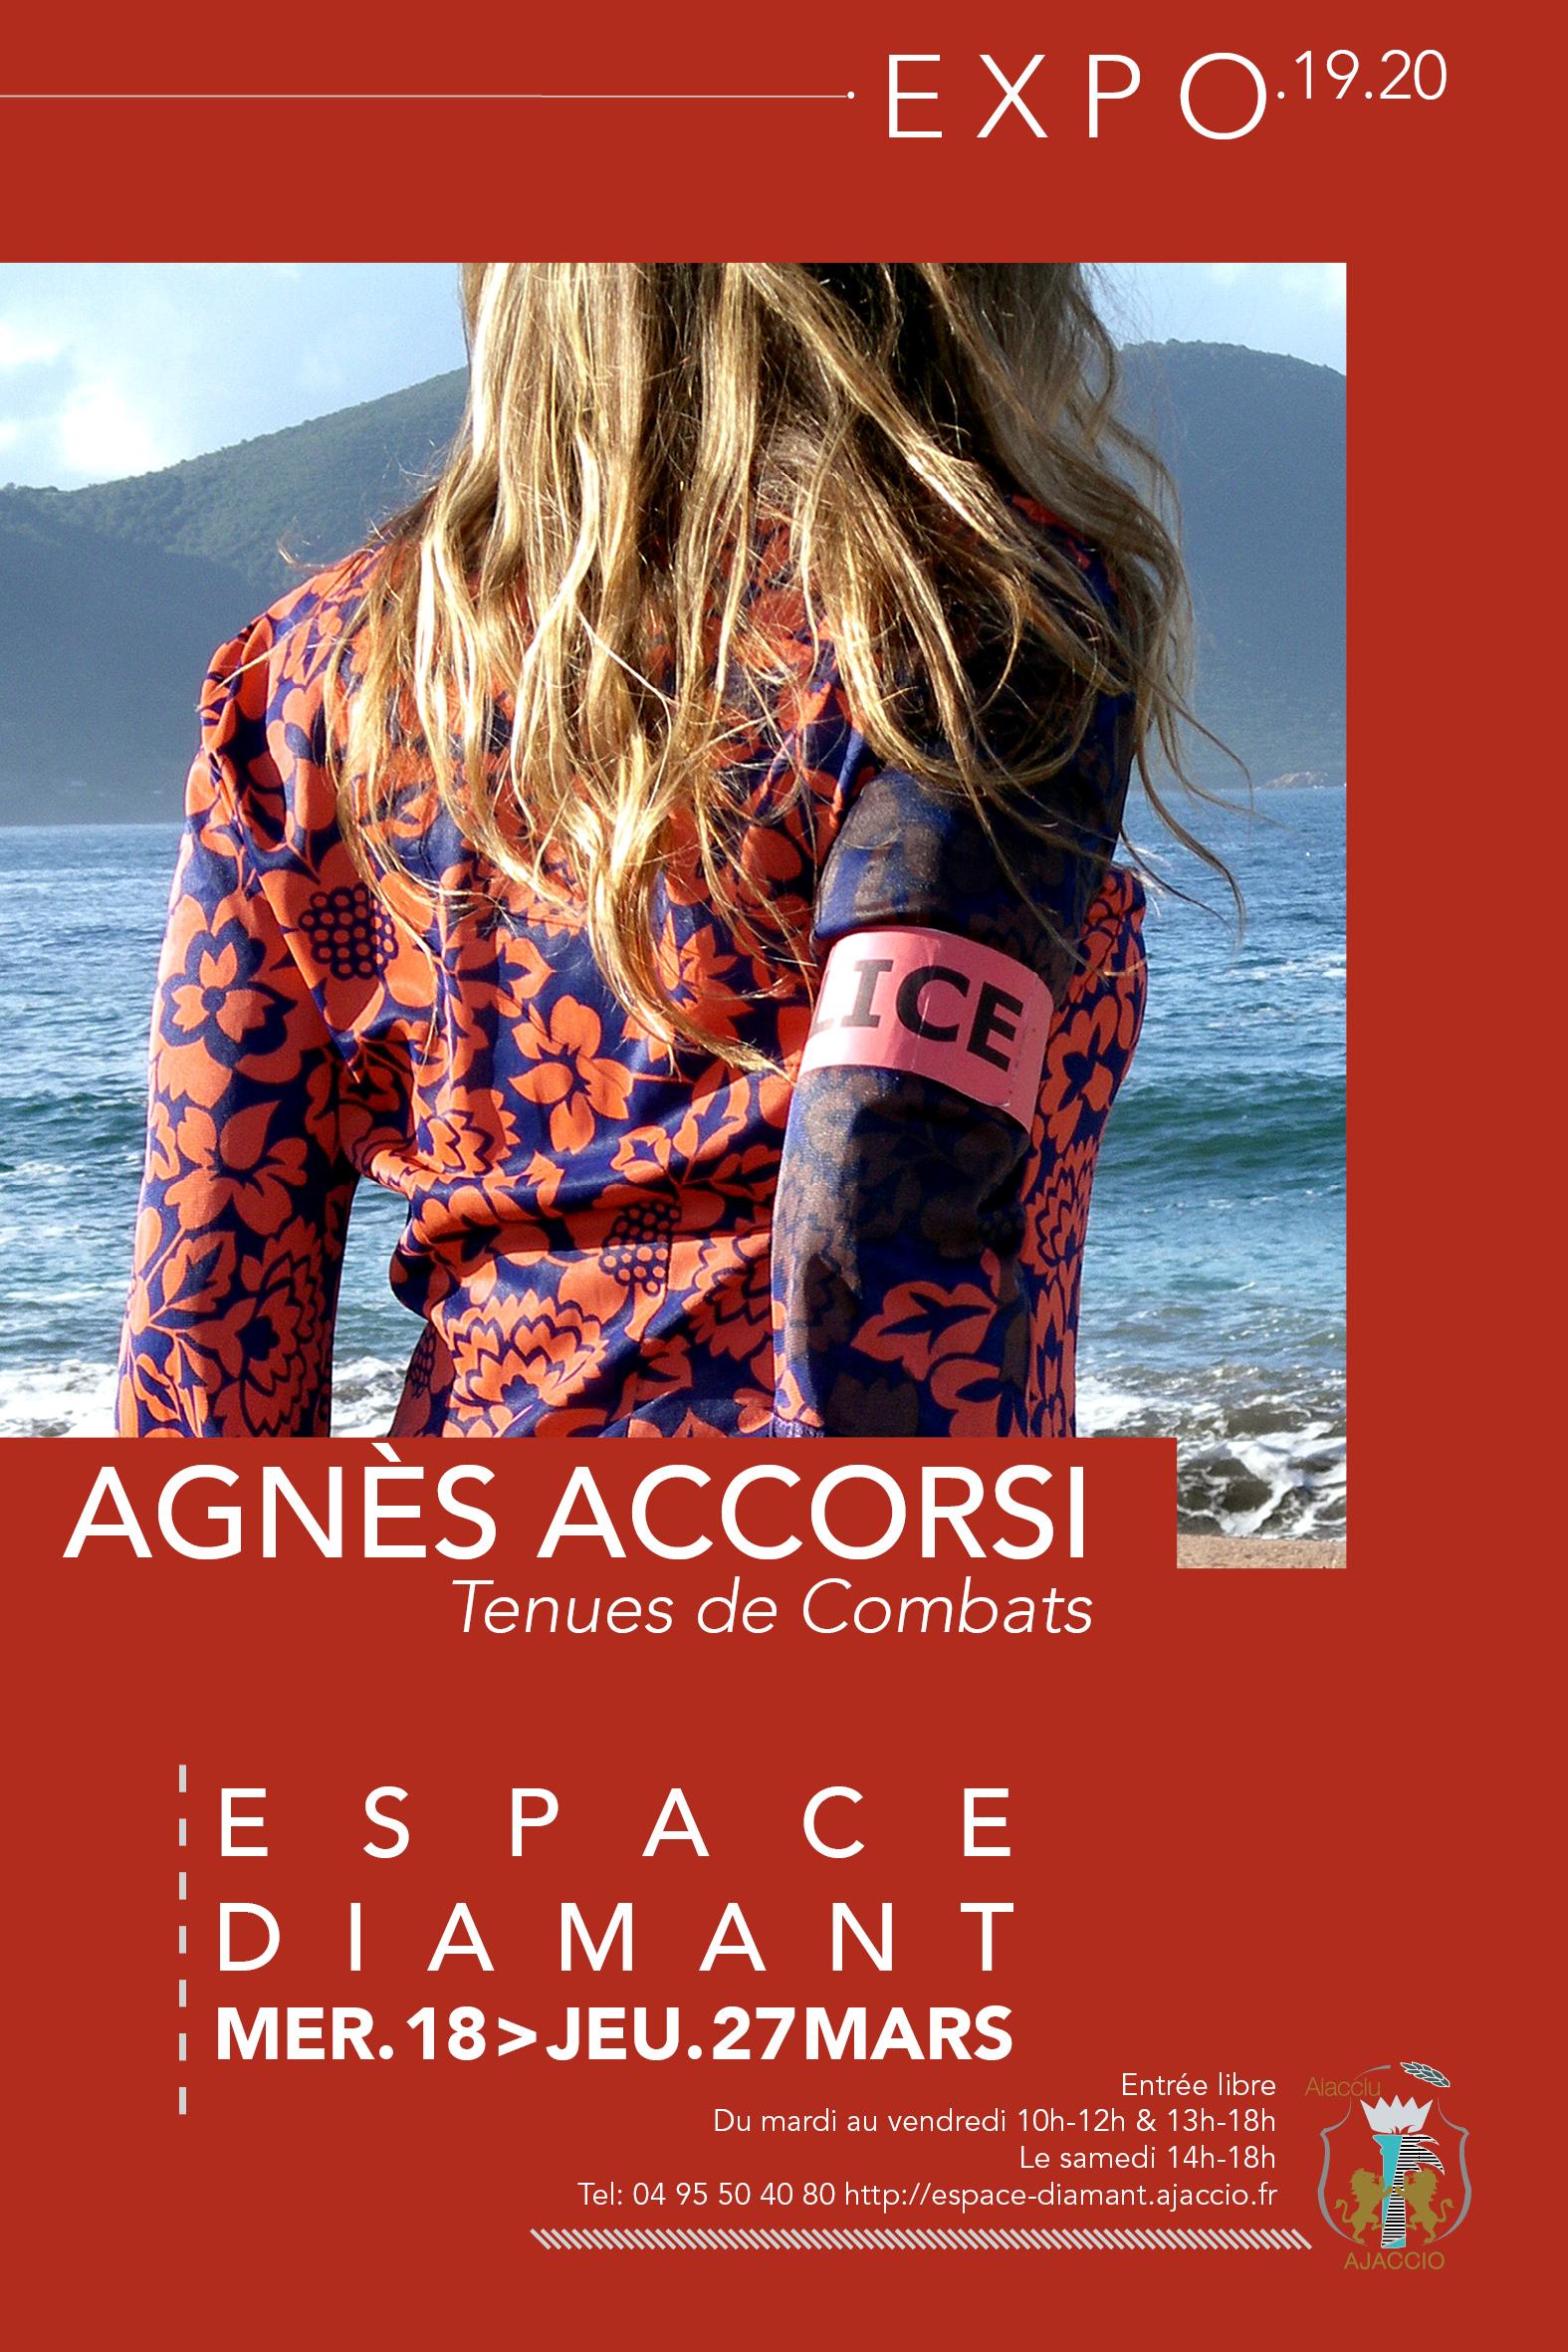 Exposition / Tenues de combats / Agnès Accorsi